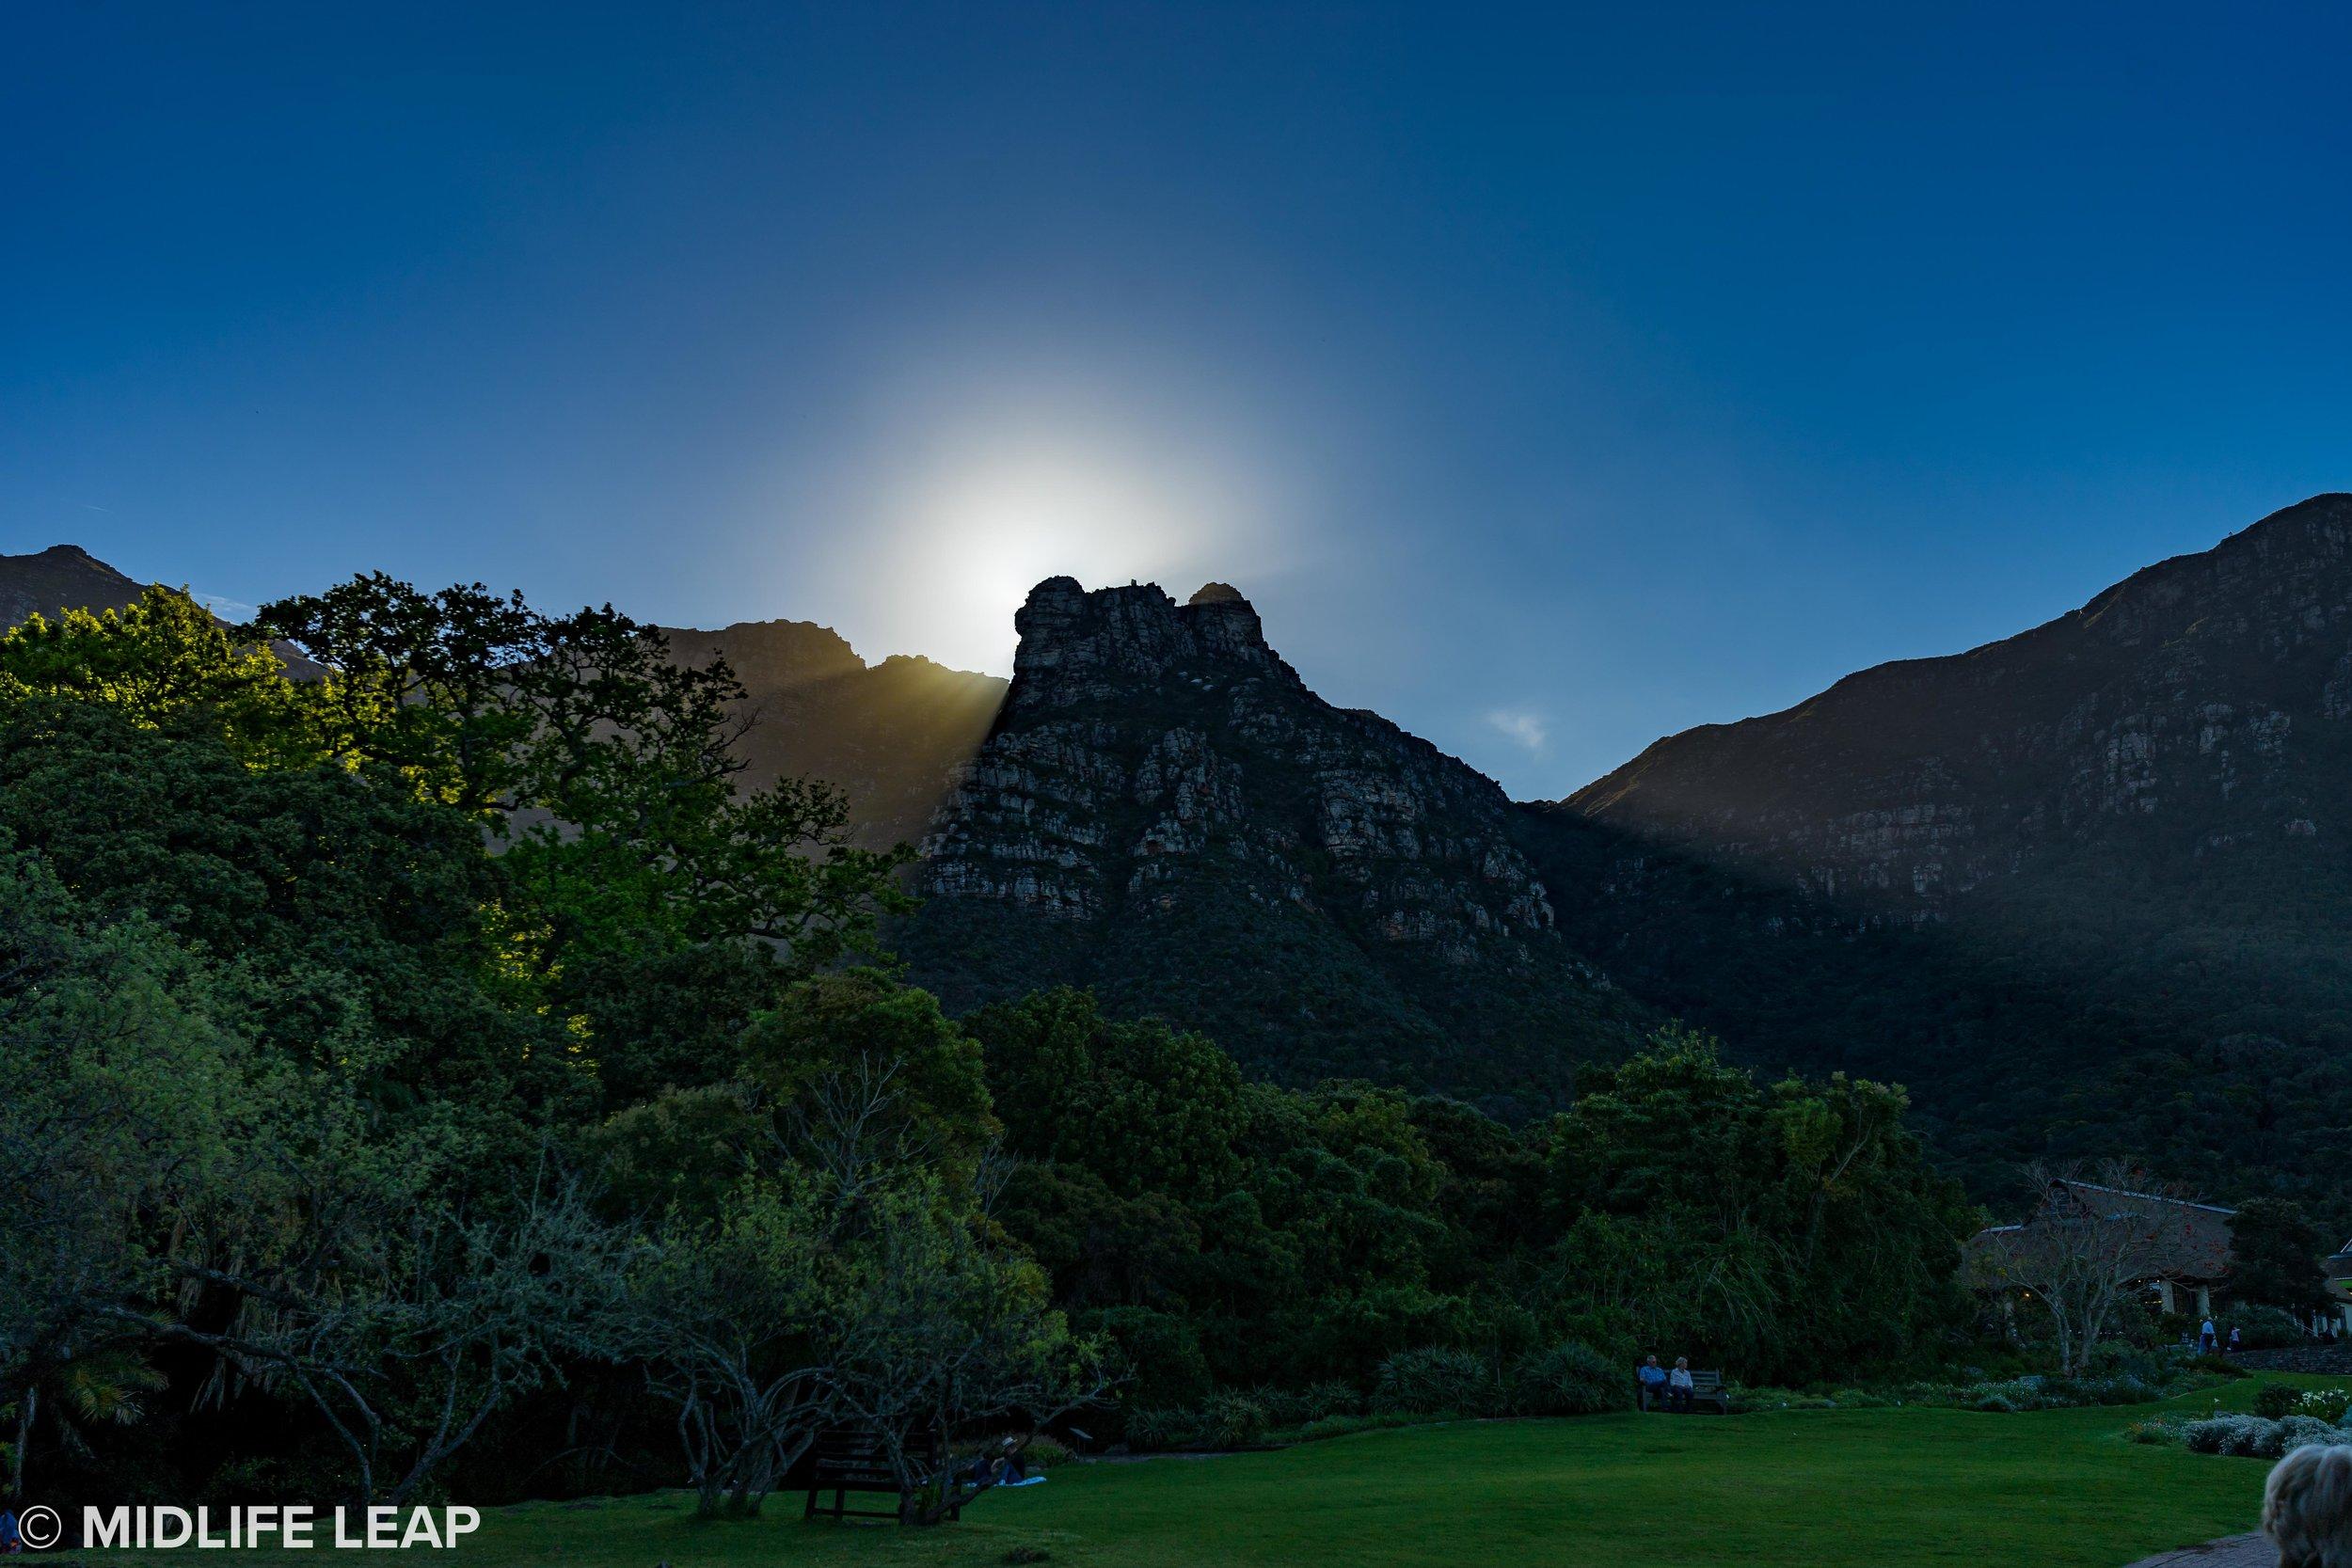 kirstenbosch-gardens-cape-town-south-africa